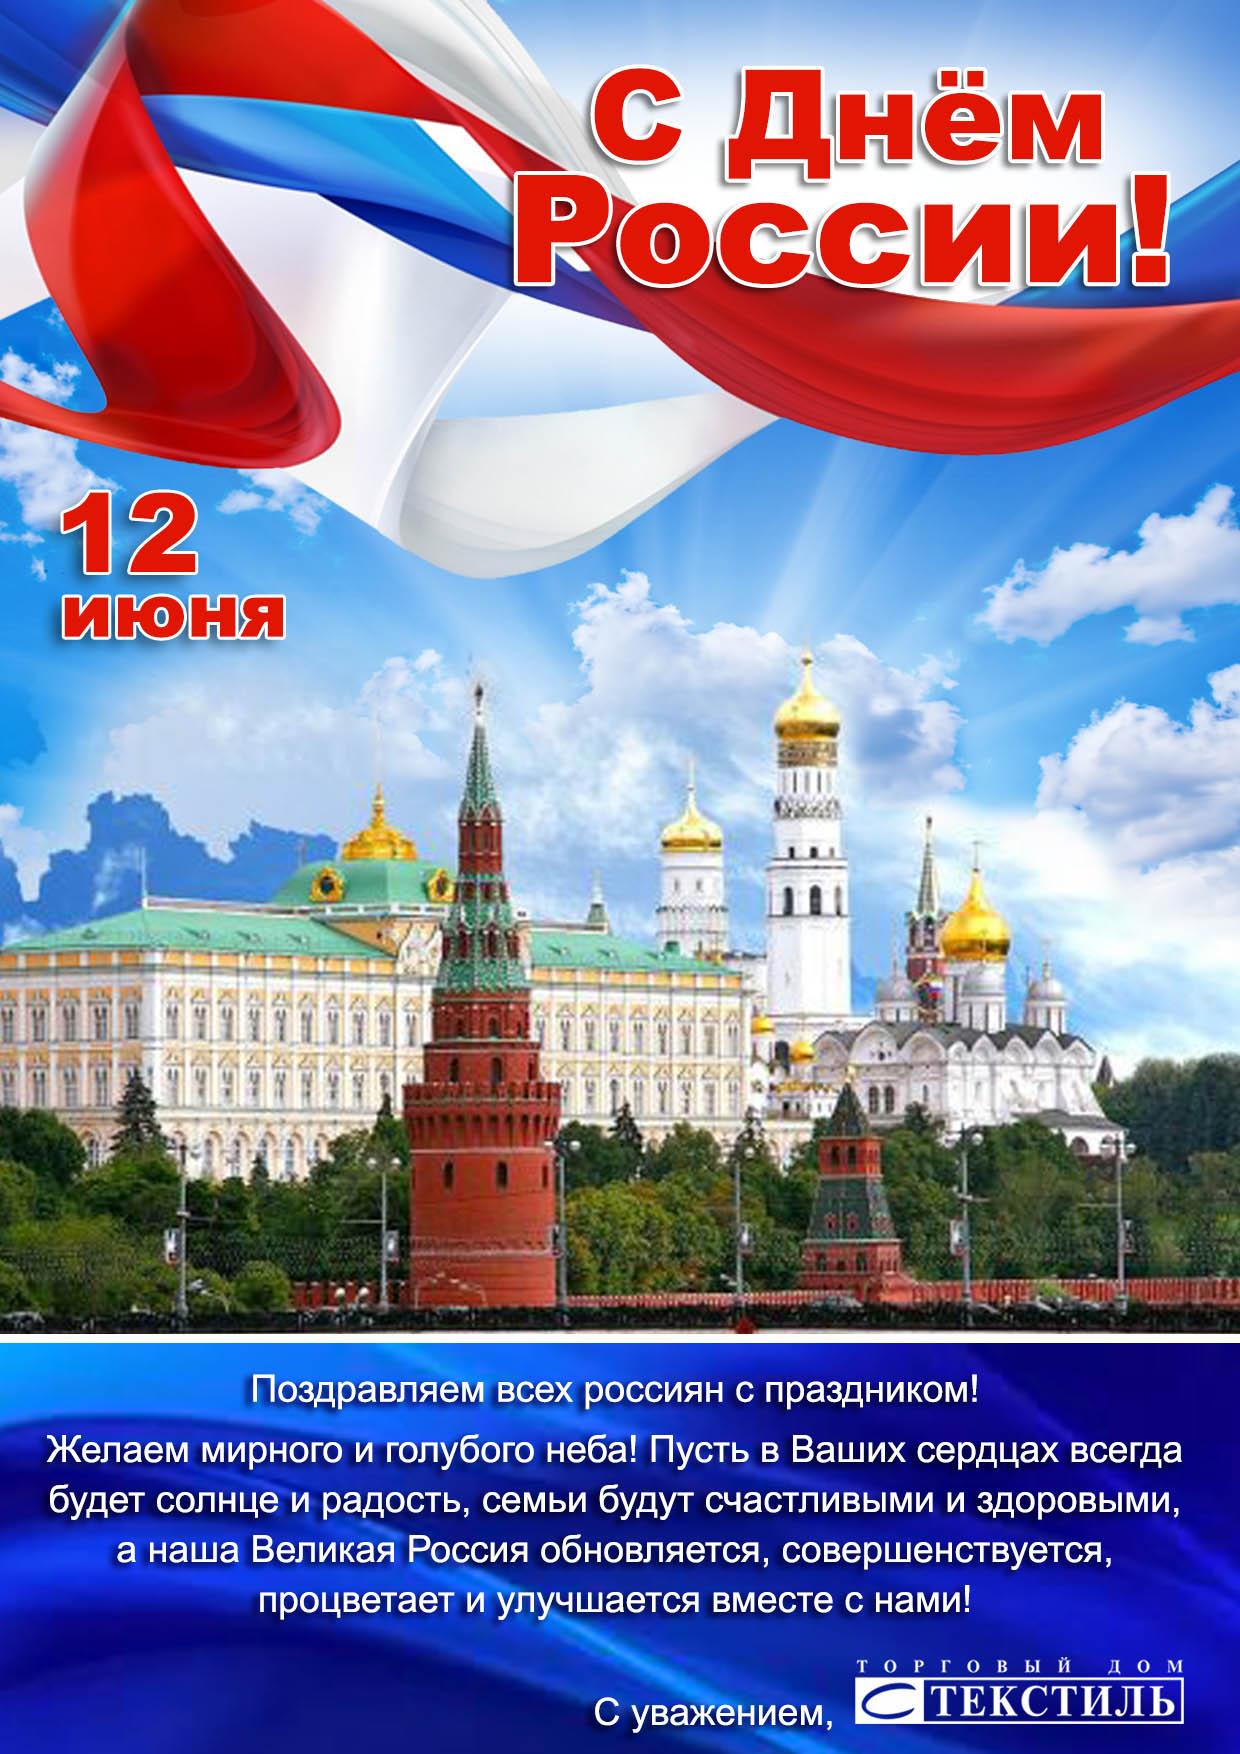 поздравление ко дню независимости россии официальное когда мамой весело